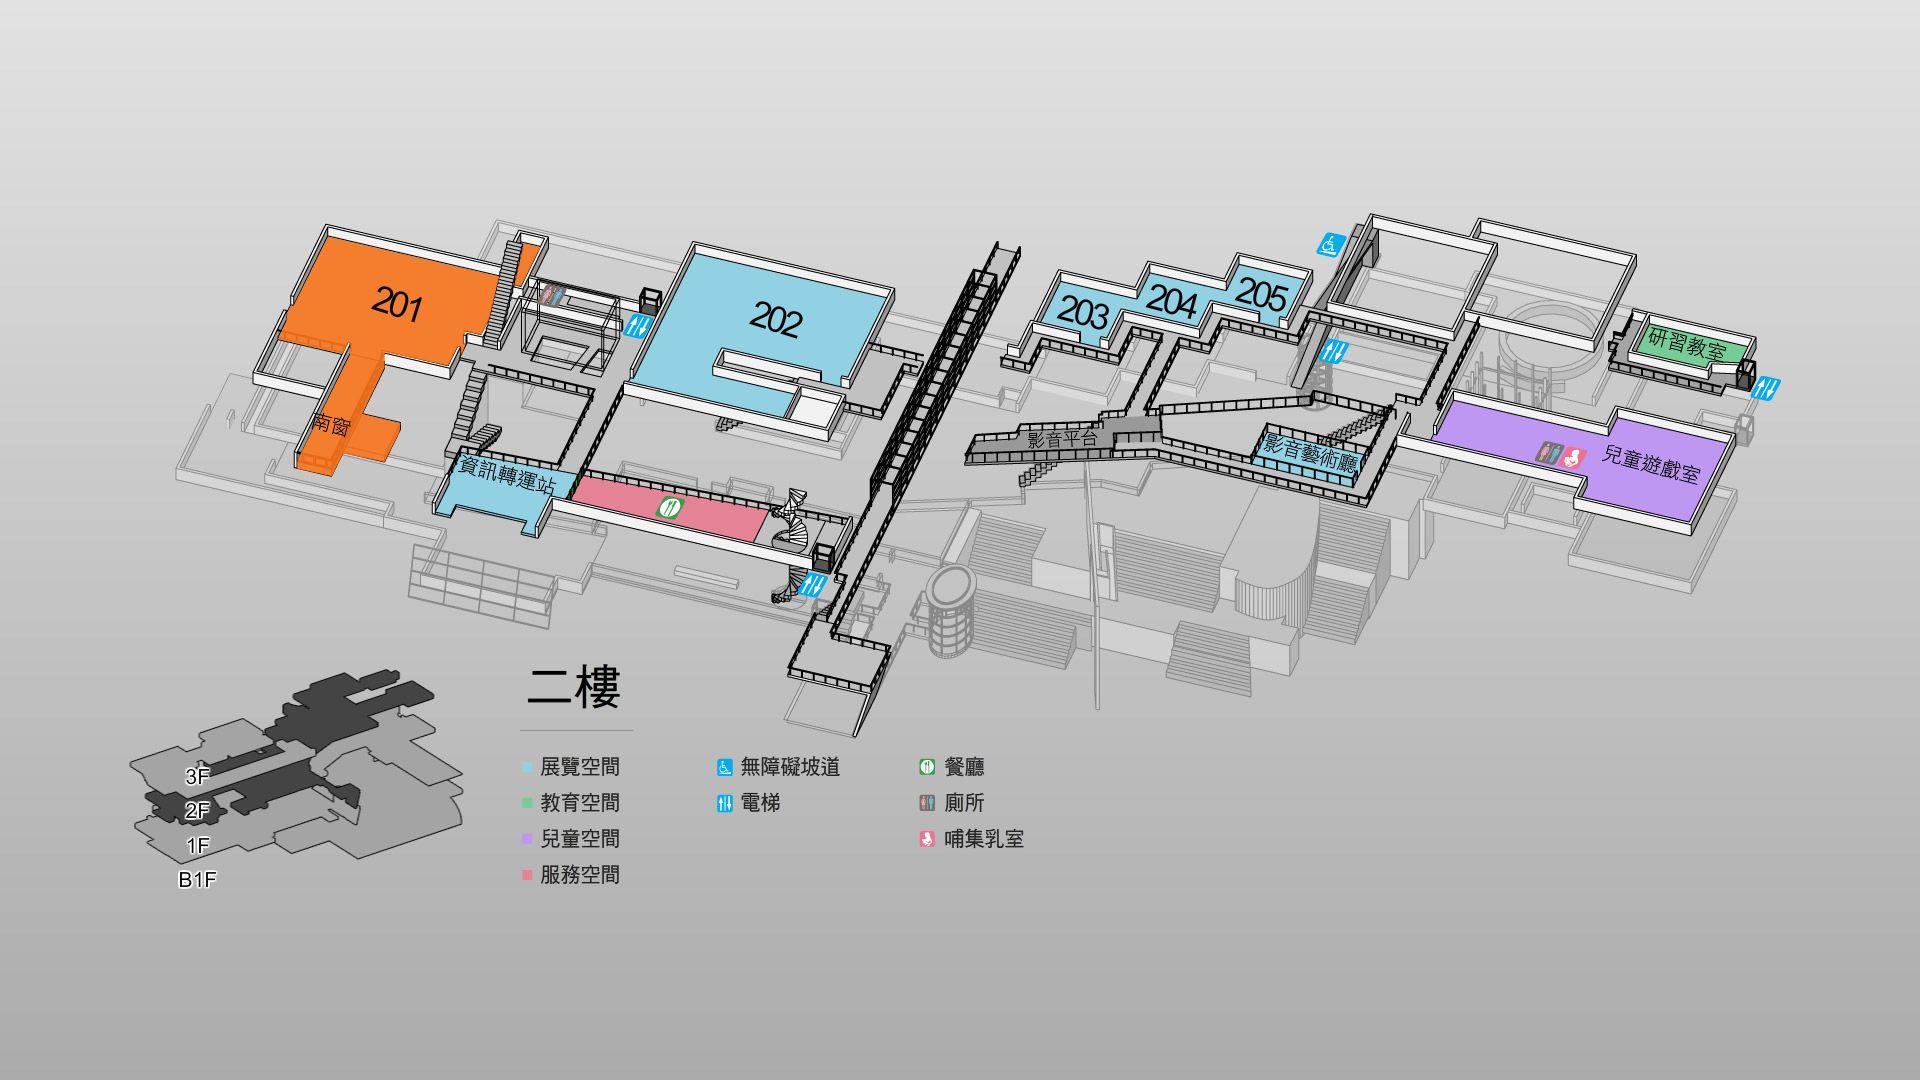 201展覽室平面圖